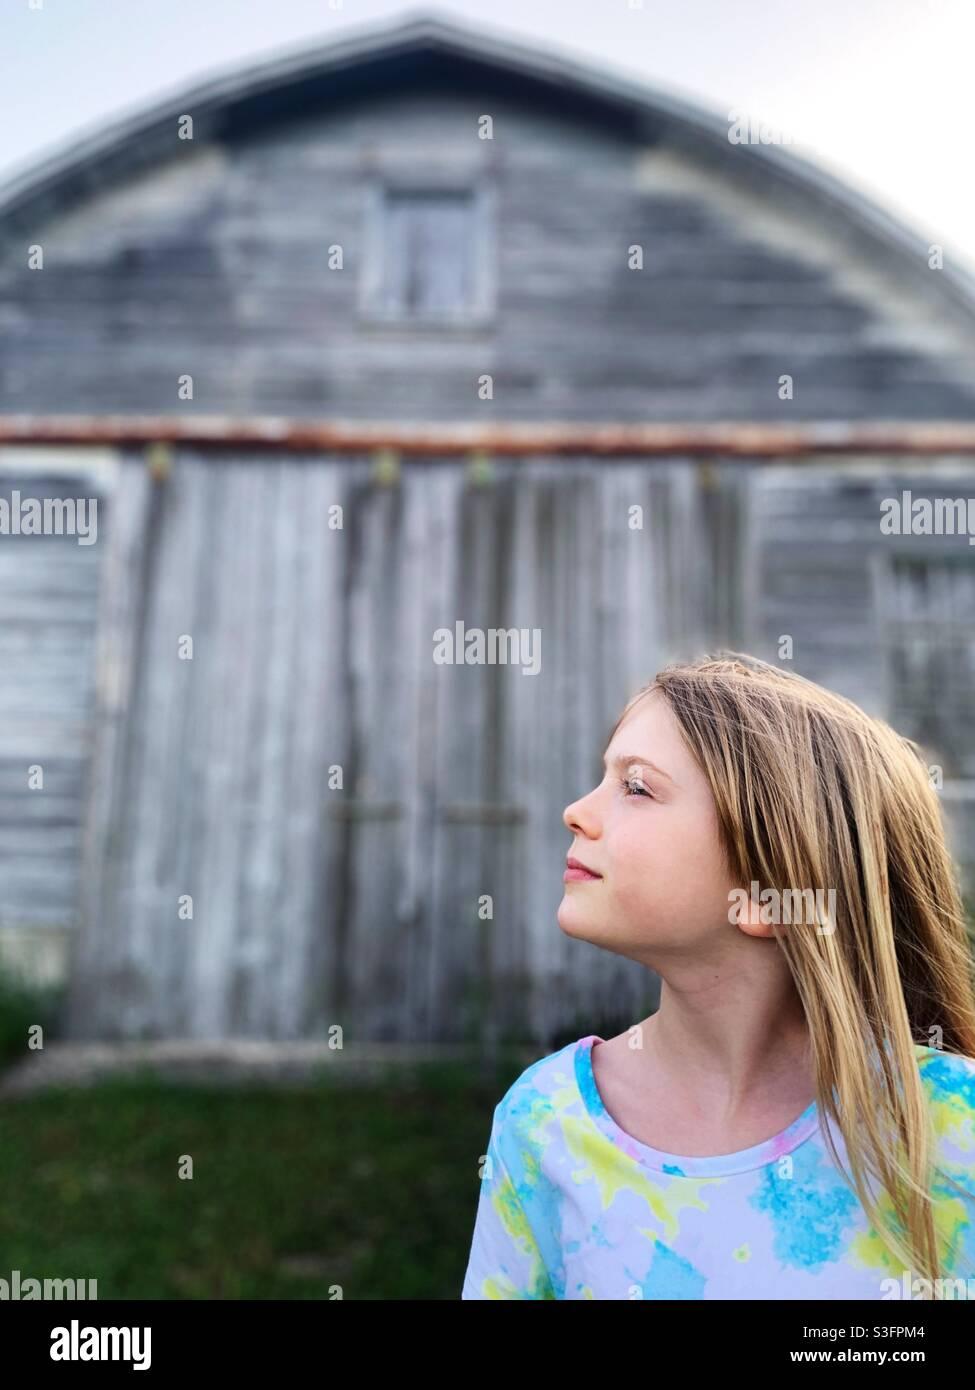 Ein junges blondes Kind, das in der Ferne vor einer alten Scheune steht Stockfoto